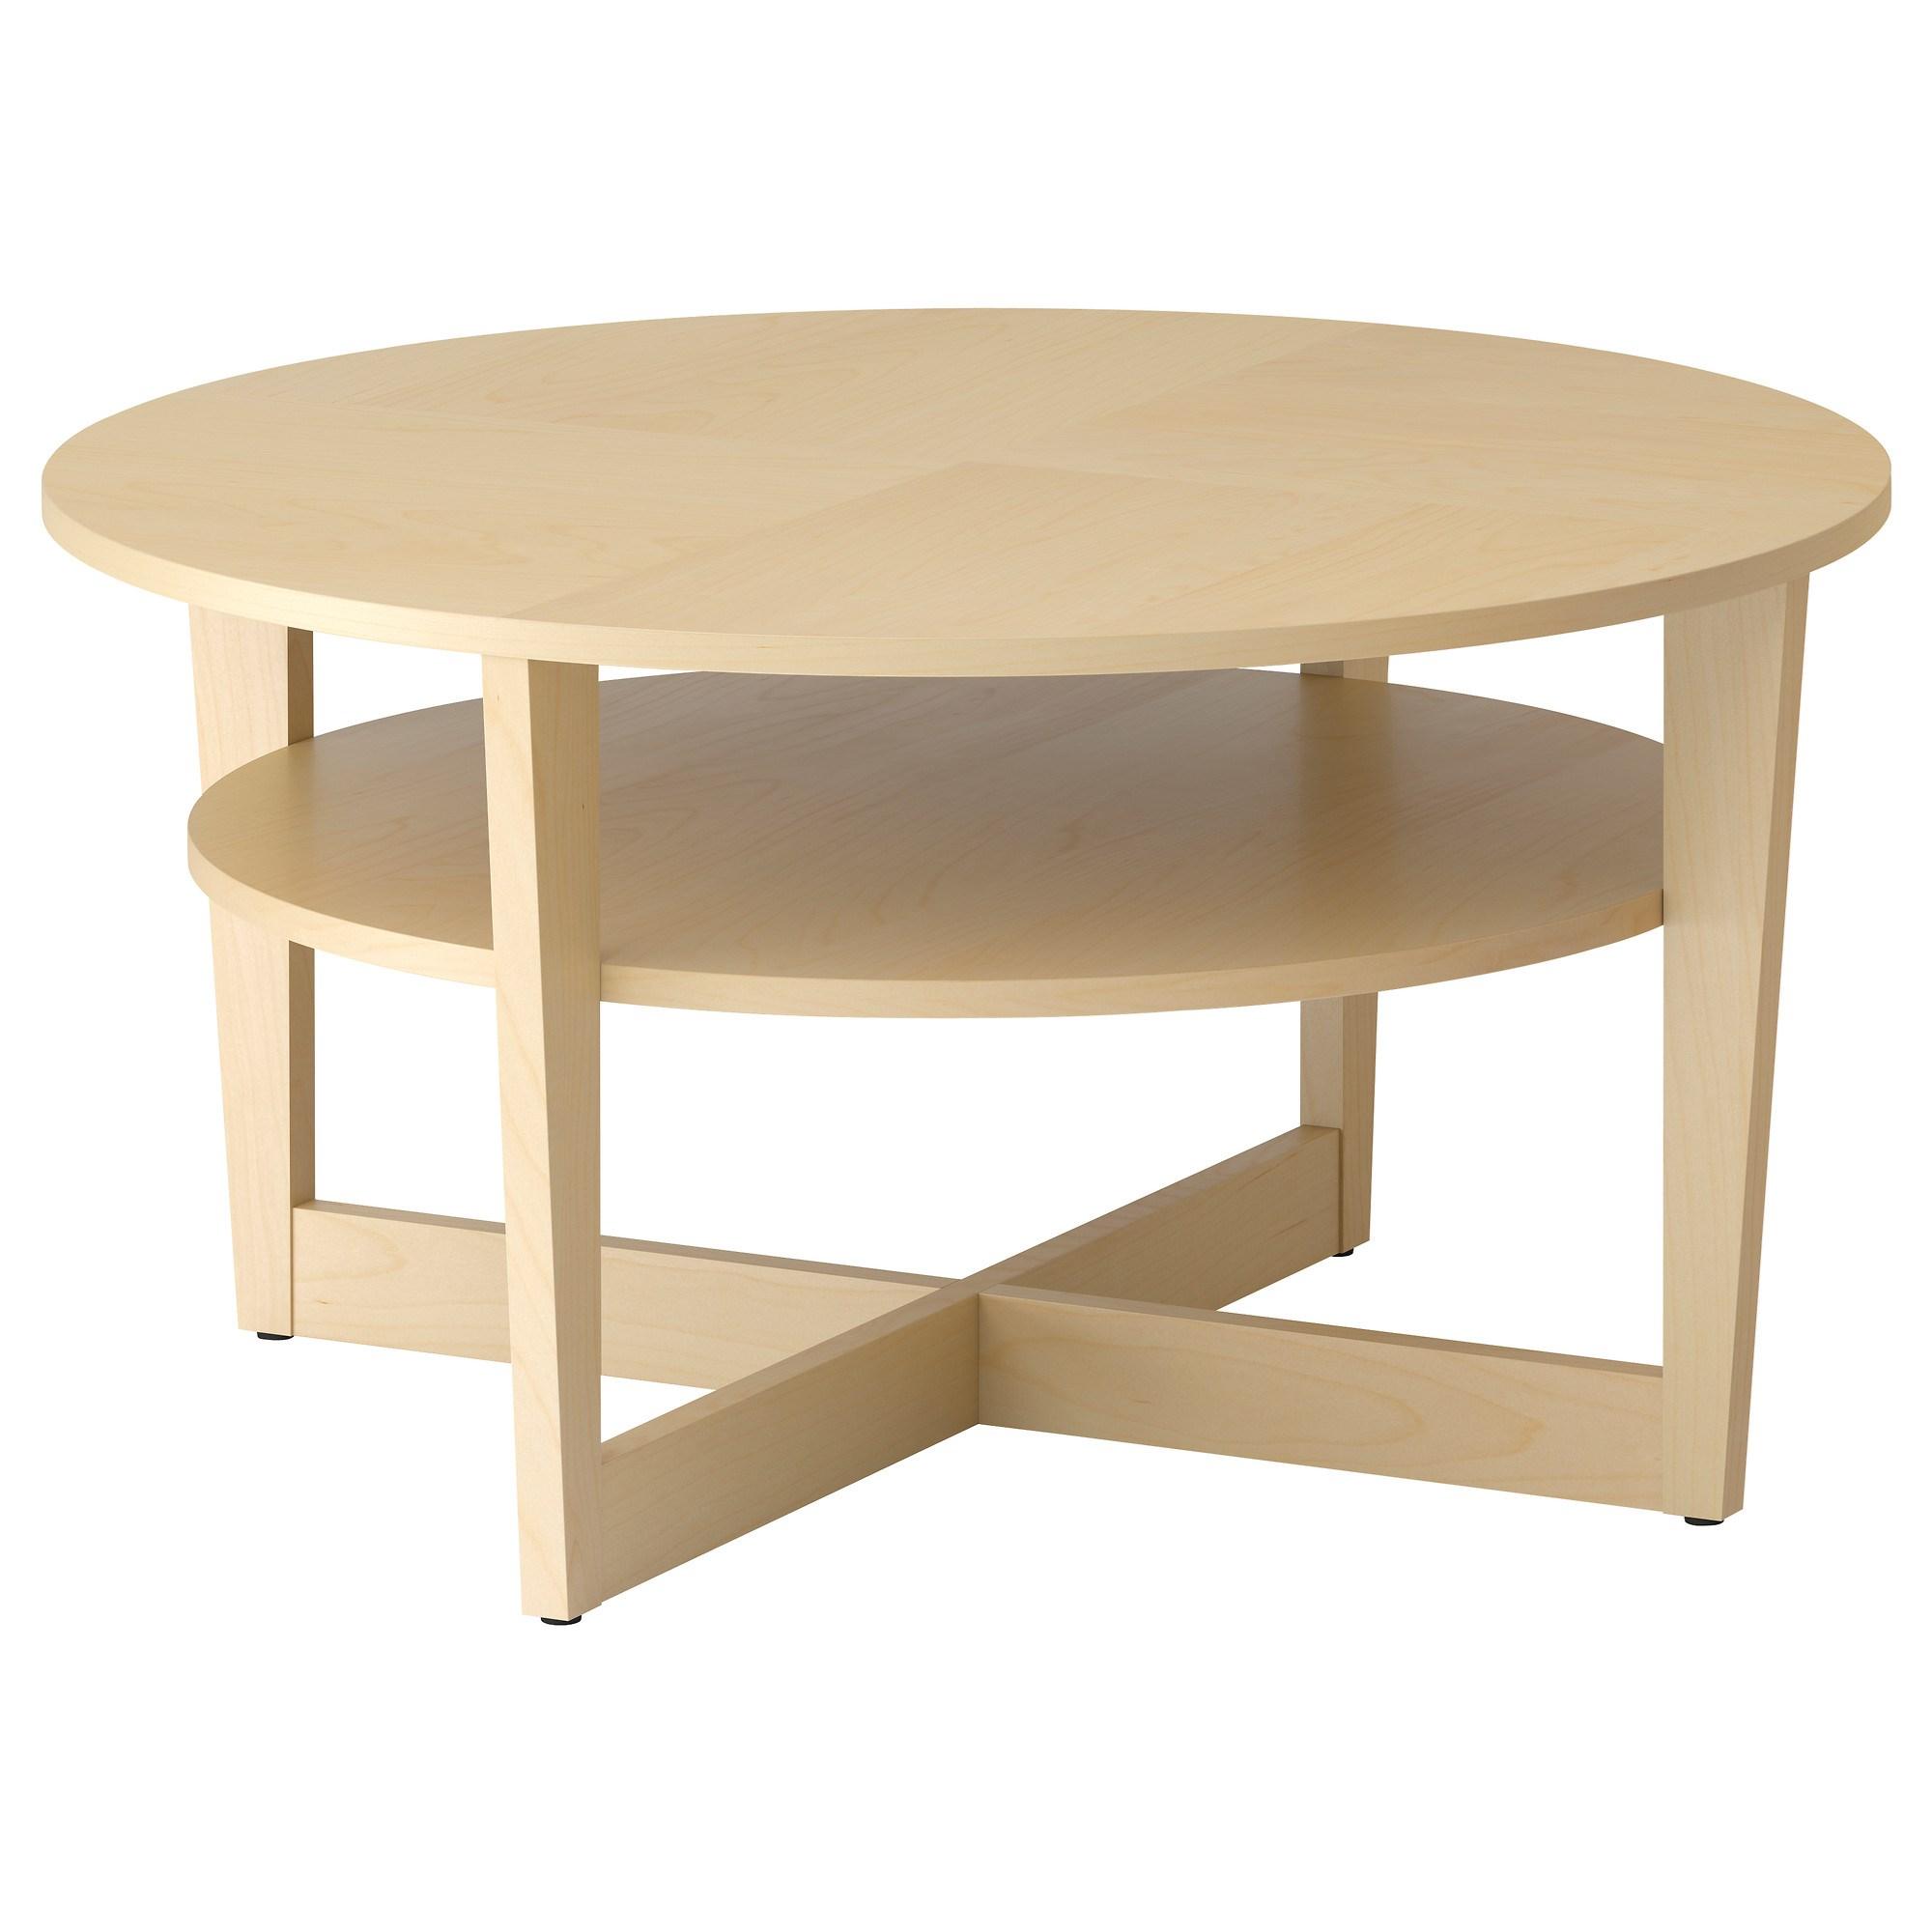 Cucine da giardino prezzi: tavoli e sedie da giardino sedie per ...